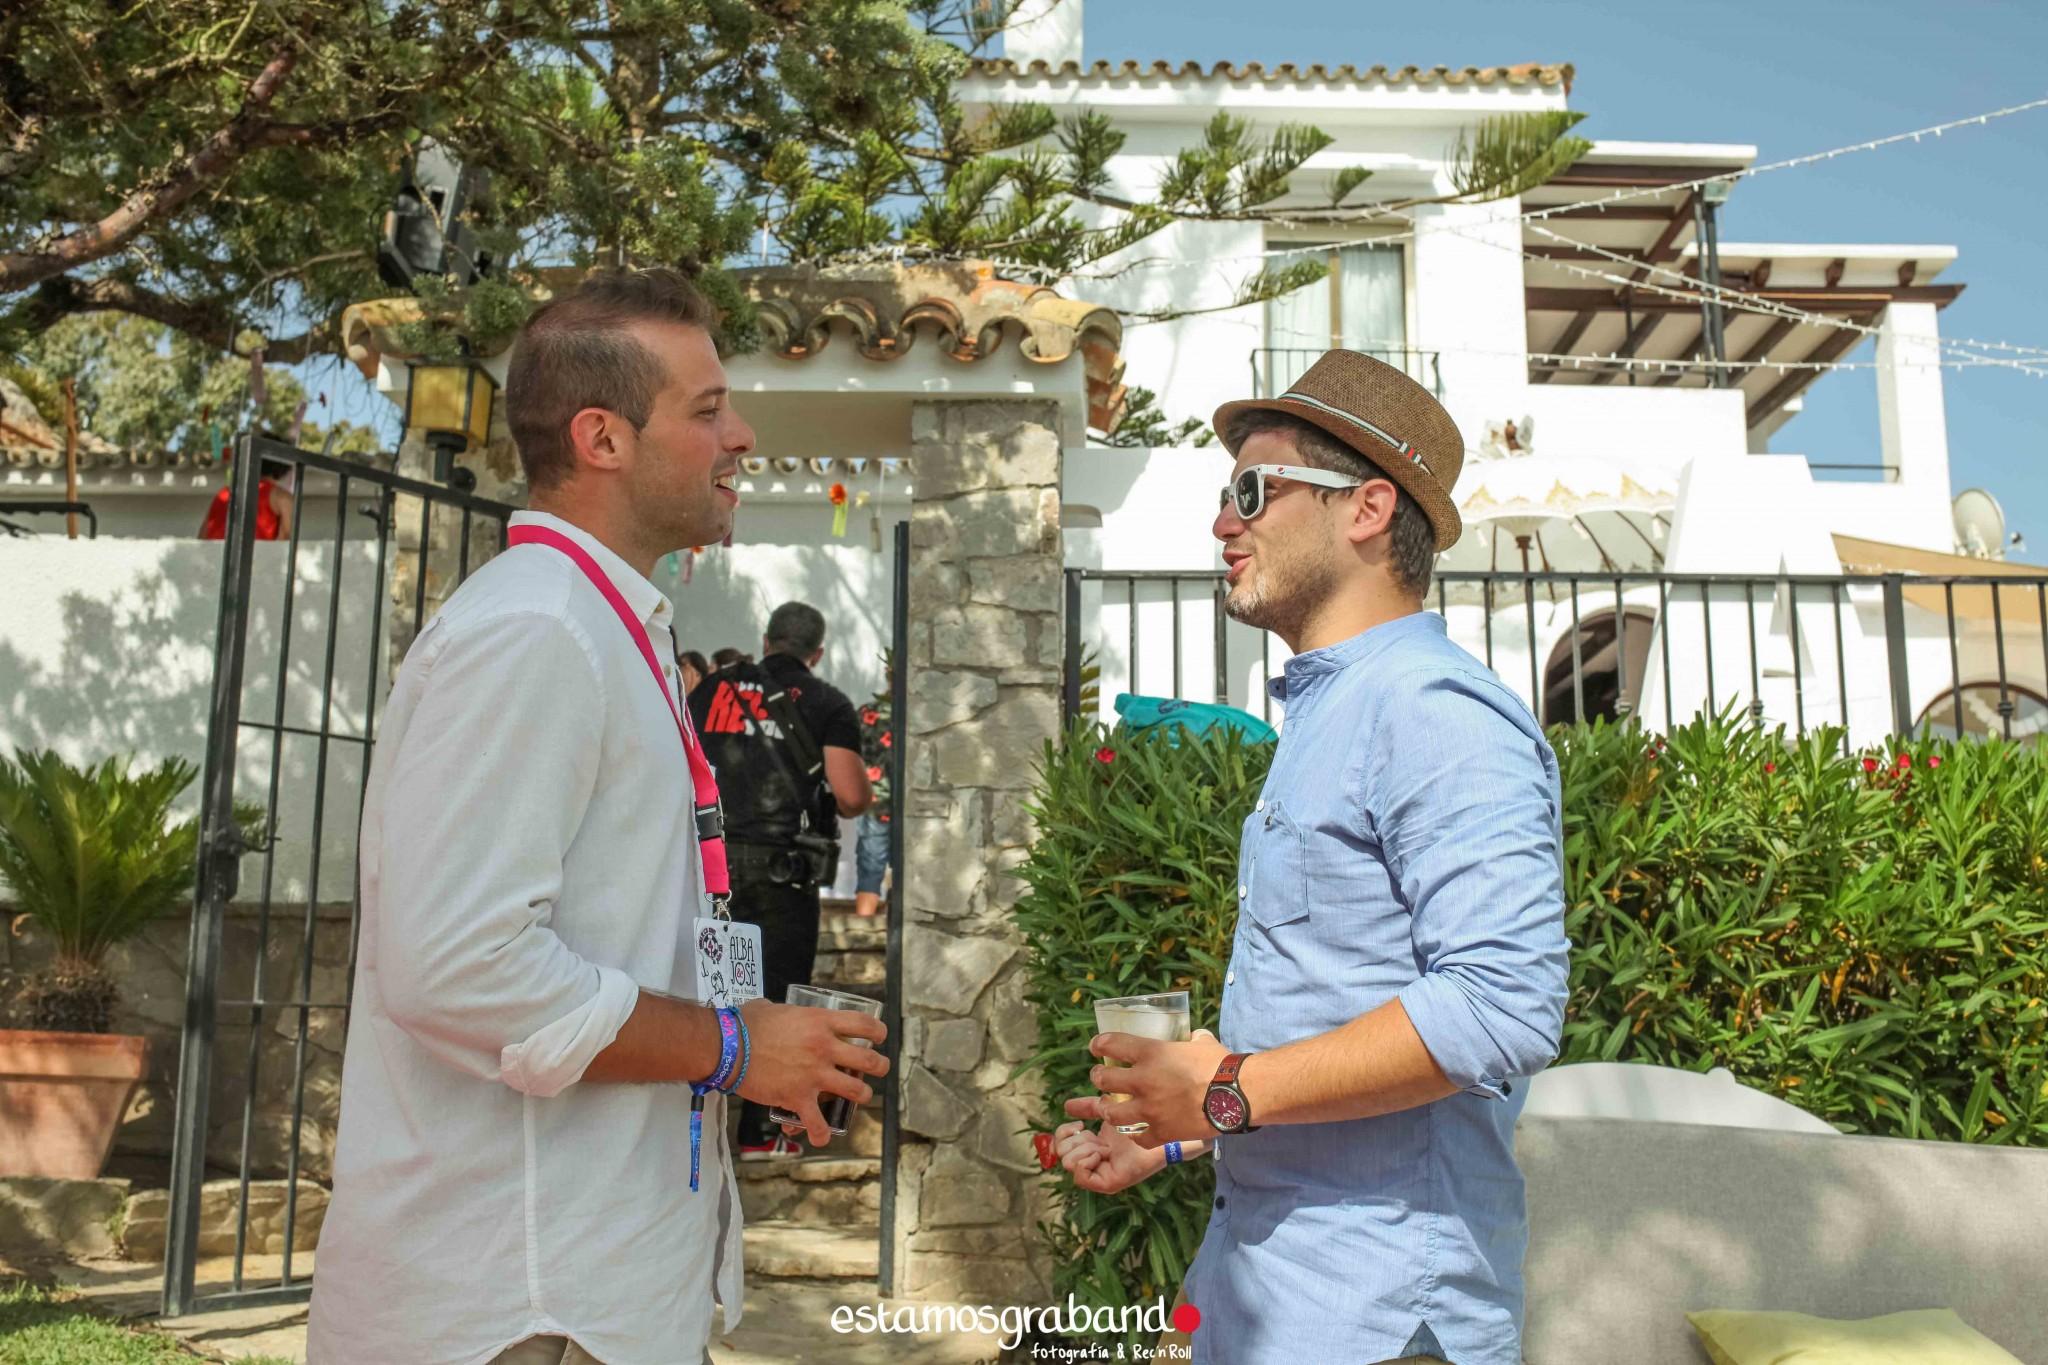 Alba-y-Jose-BTTW-32 Los invitados de Alba & Jose [Back to the wedding_Atlanterra, Zahara de los Atunes] - video boda cadiz